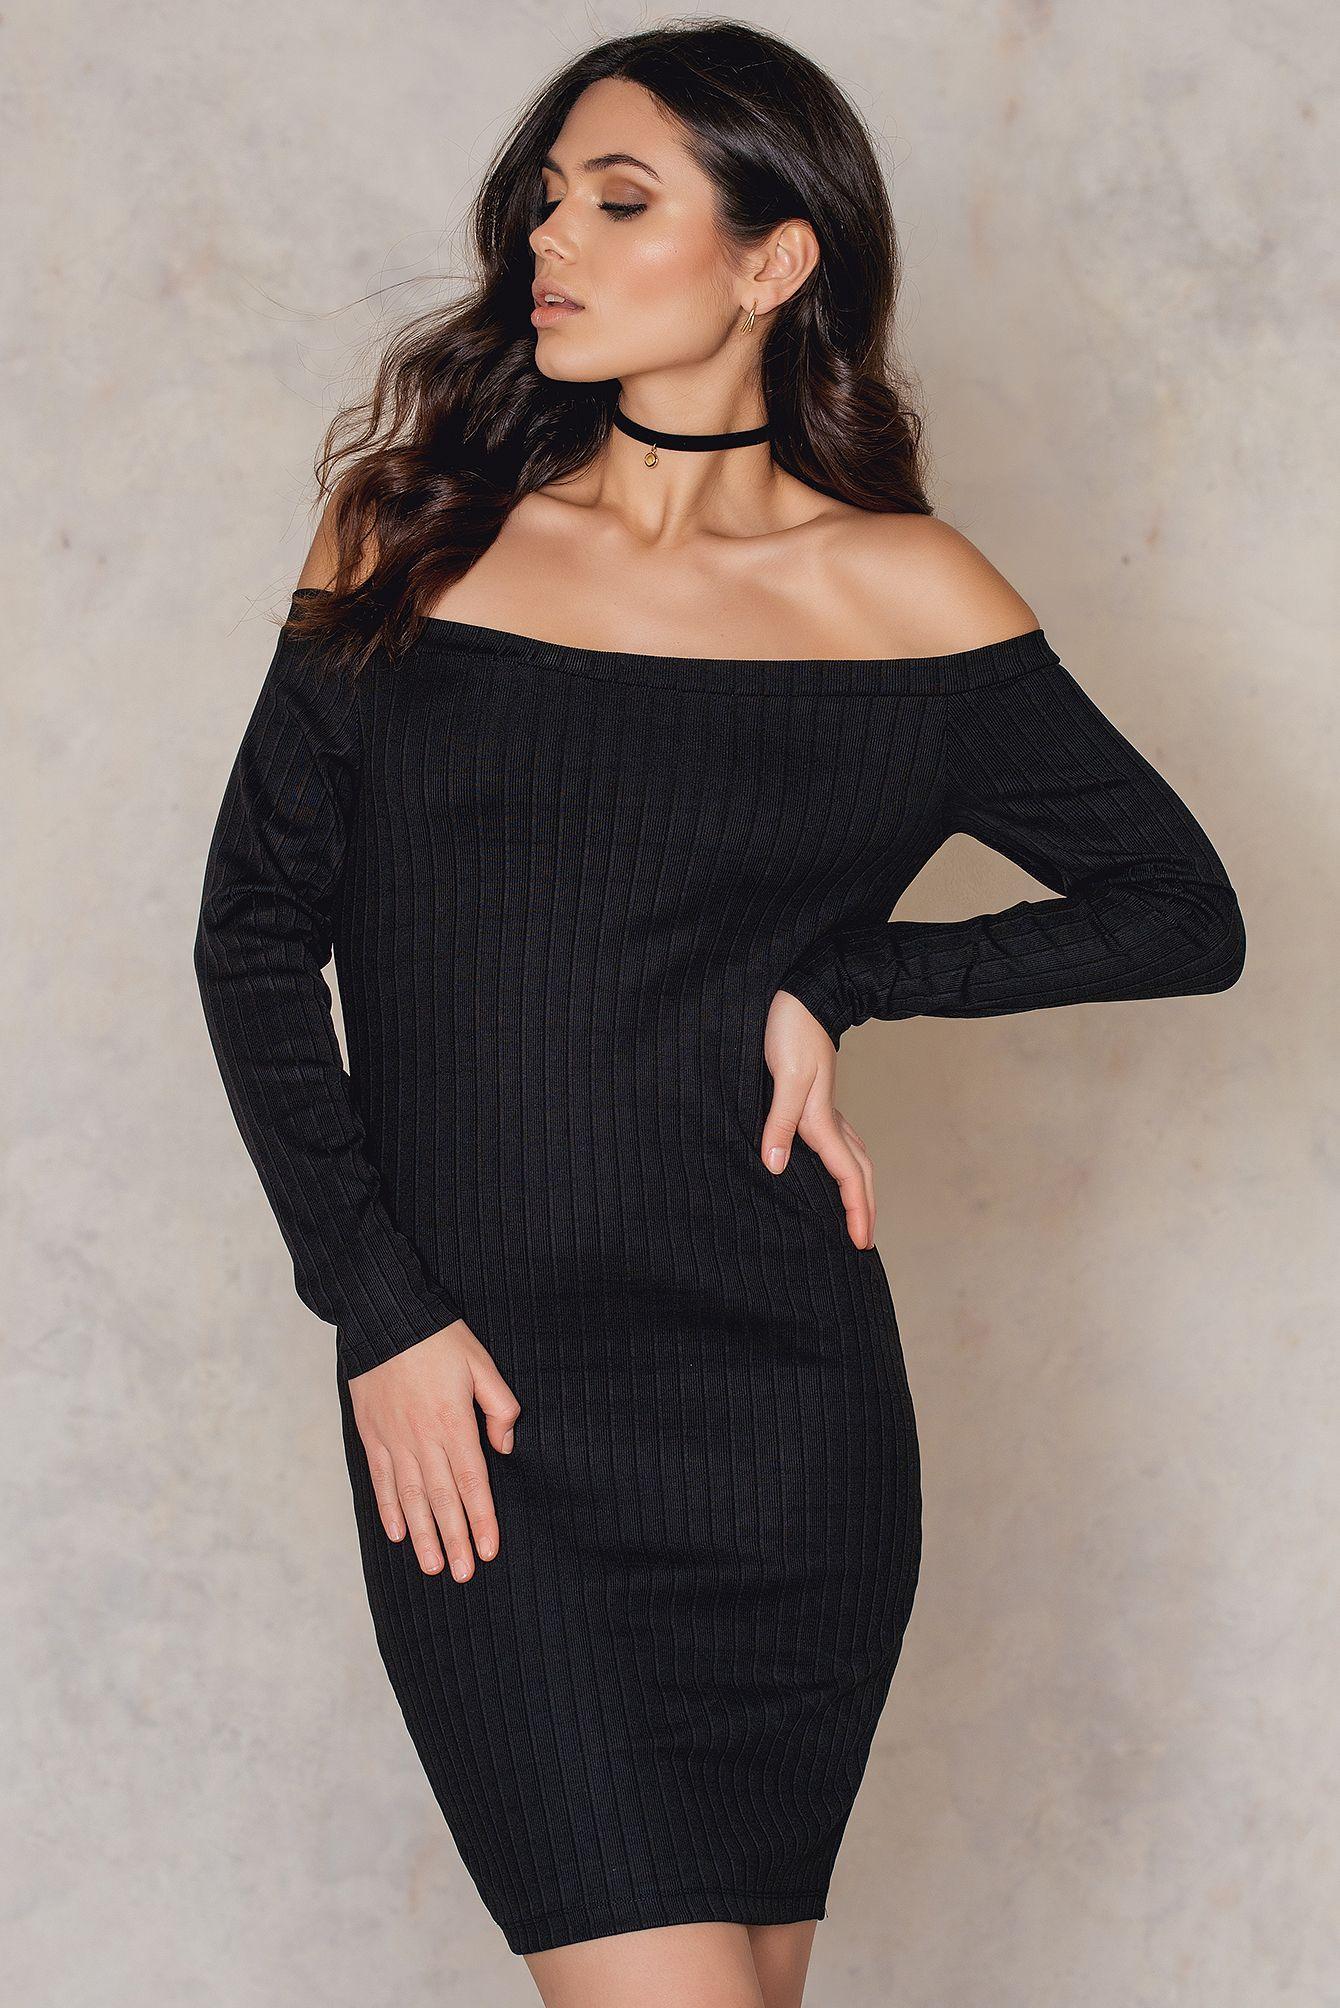 branddesigner sannealexandra dress length minidress